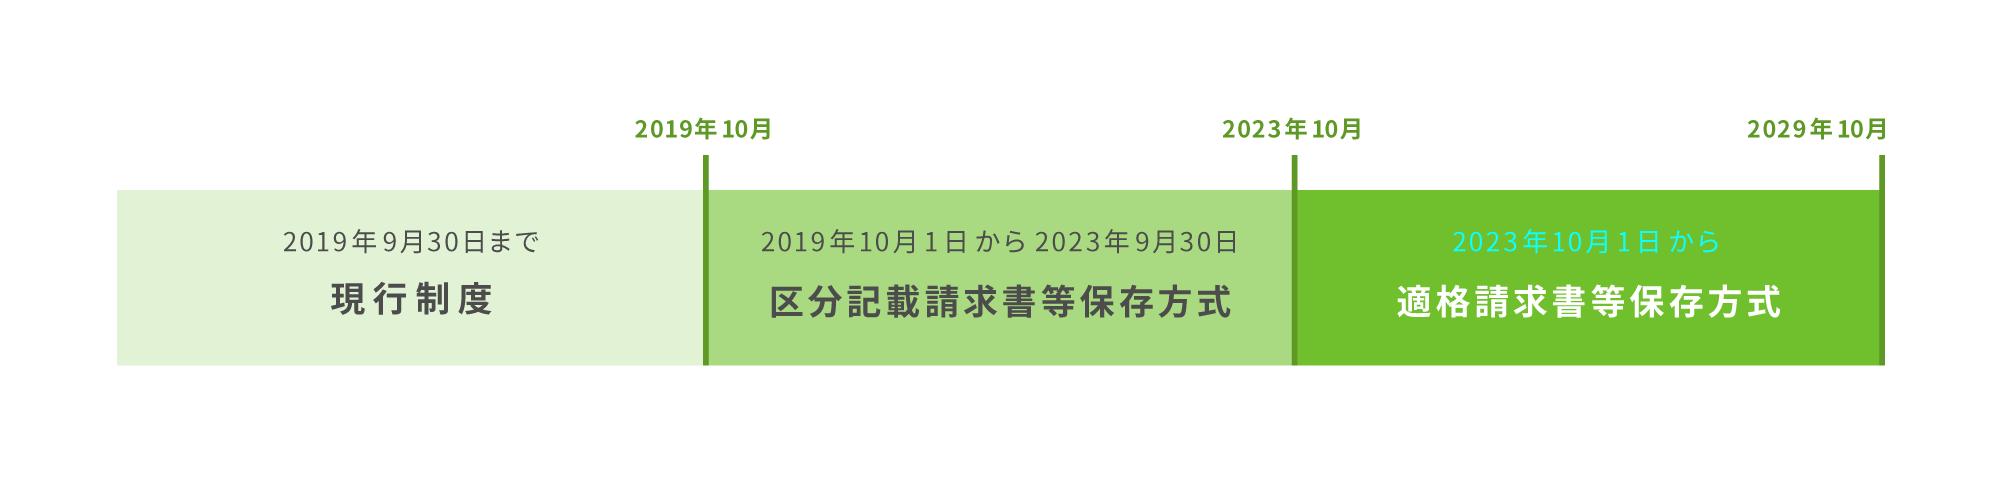 平成35年10月1日からは、さらに適格請求書等保存方式に移行 移行スケジュール